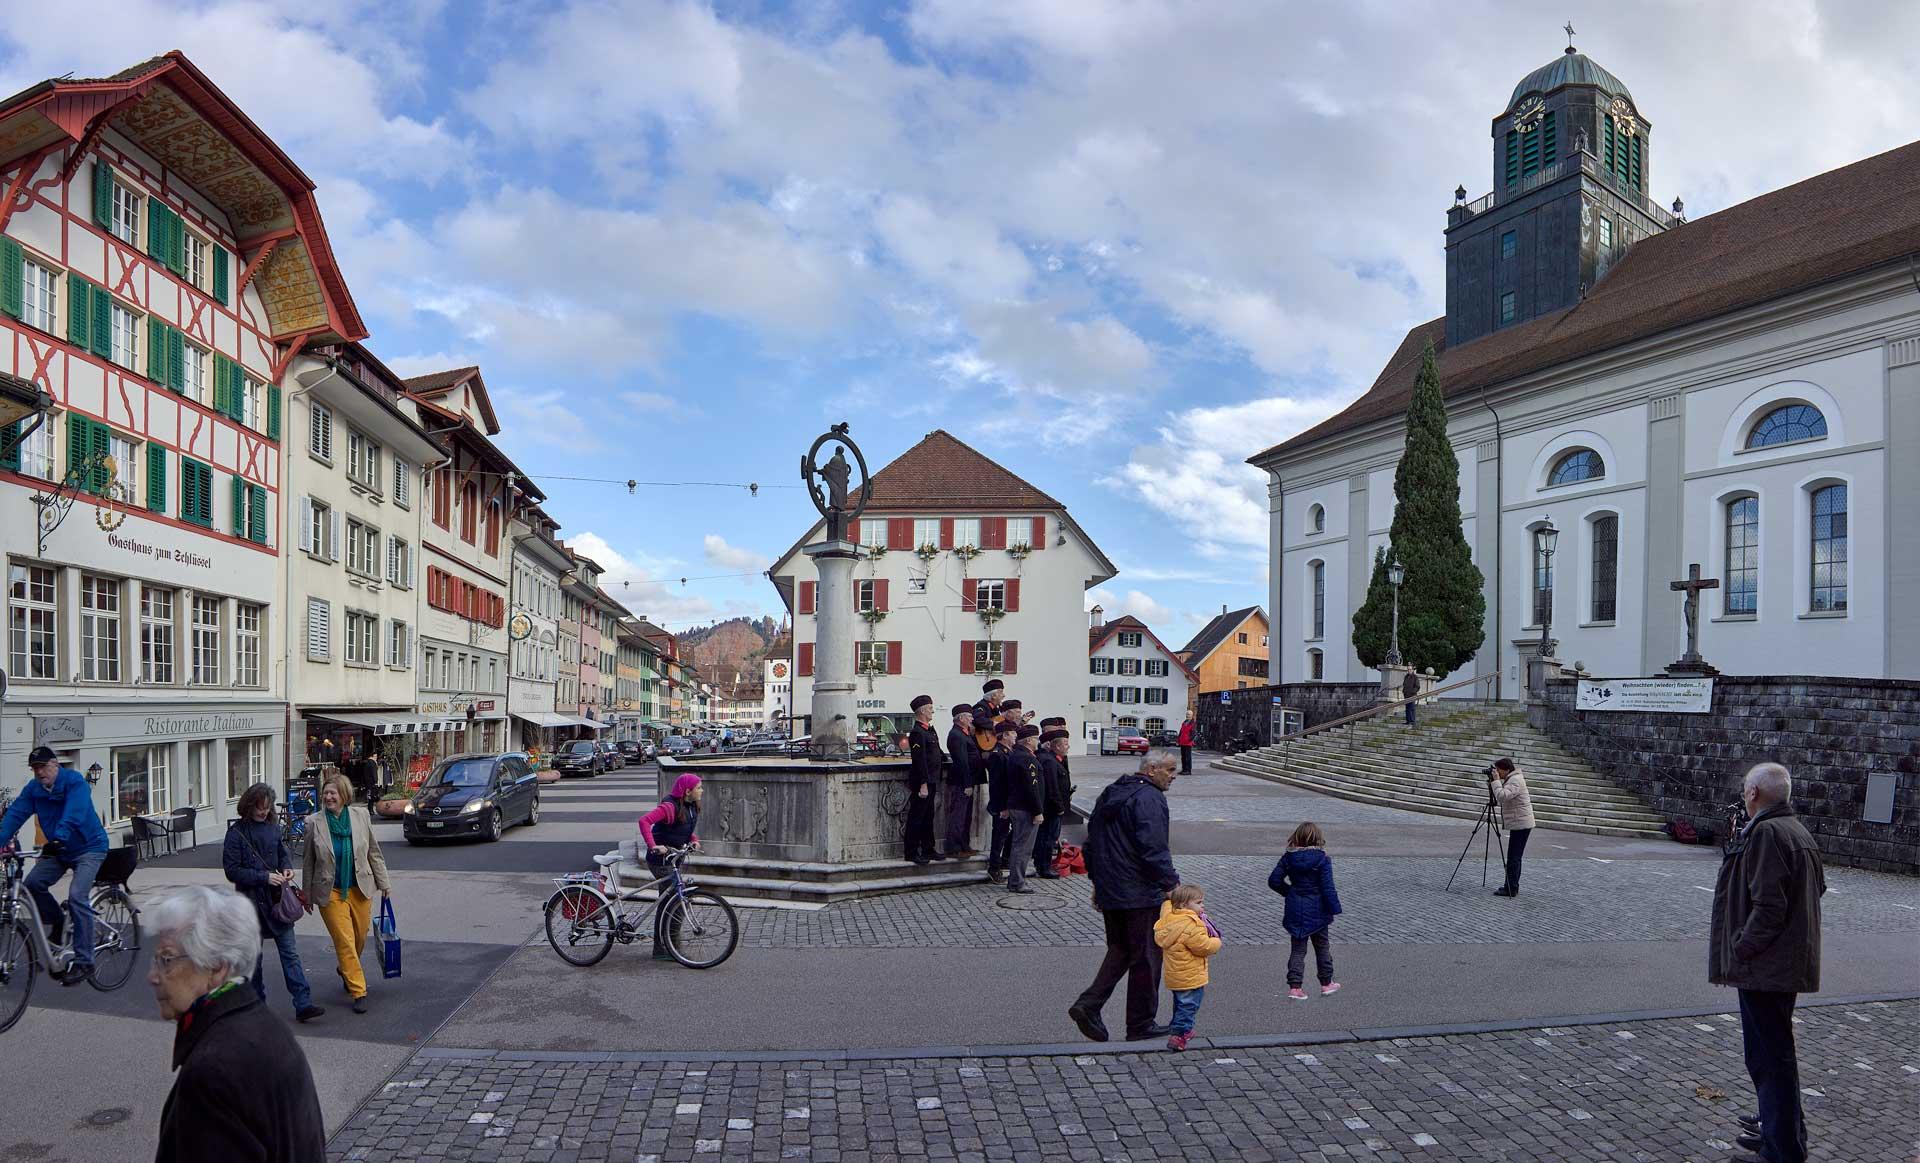 Die Kirche mitten im Städtli Willisau: Sinnbild für das Miteinander von Verwaltung und Seelsorge in der katholischen Kirche in der Schweiz. | © 2014 Roberto Conciatori